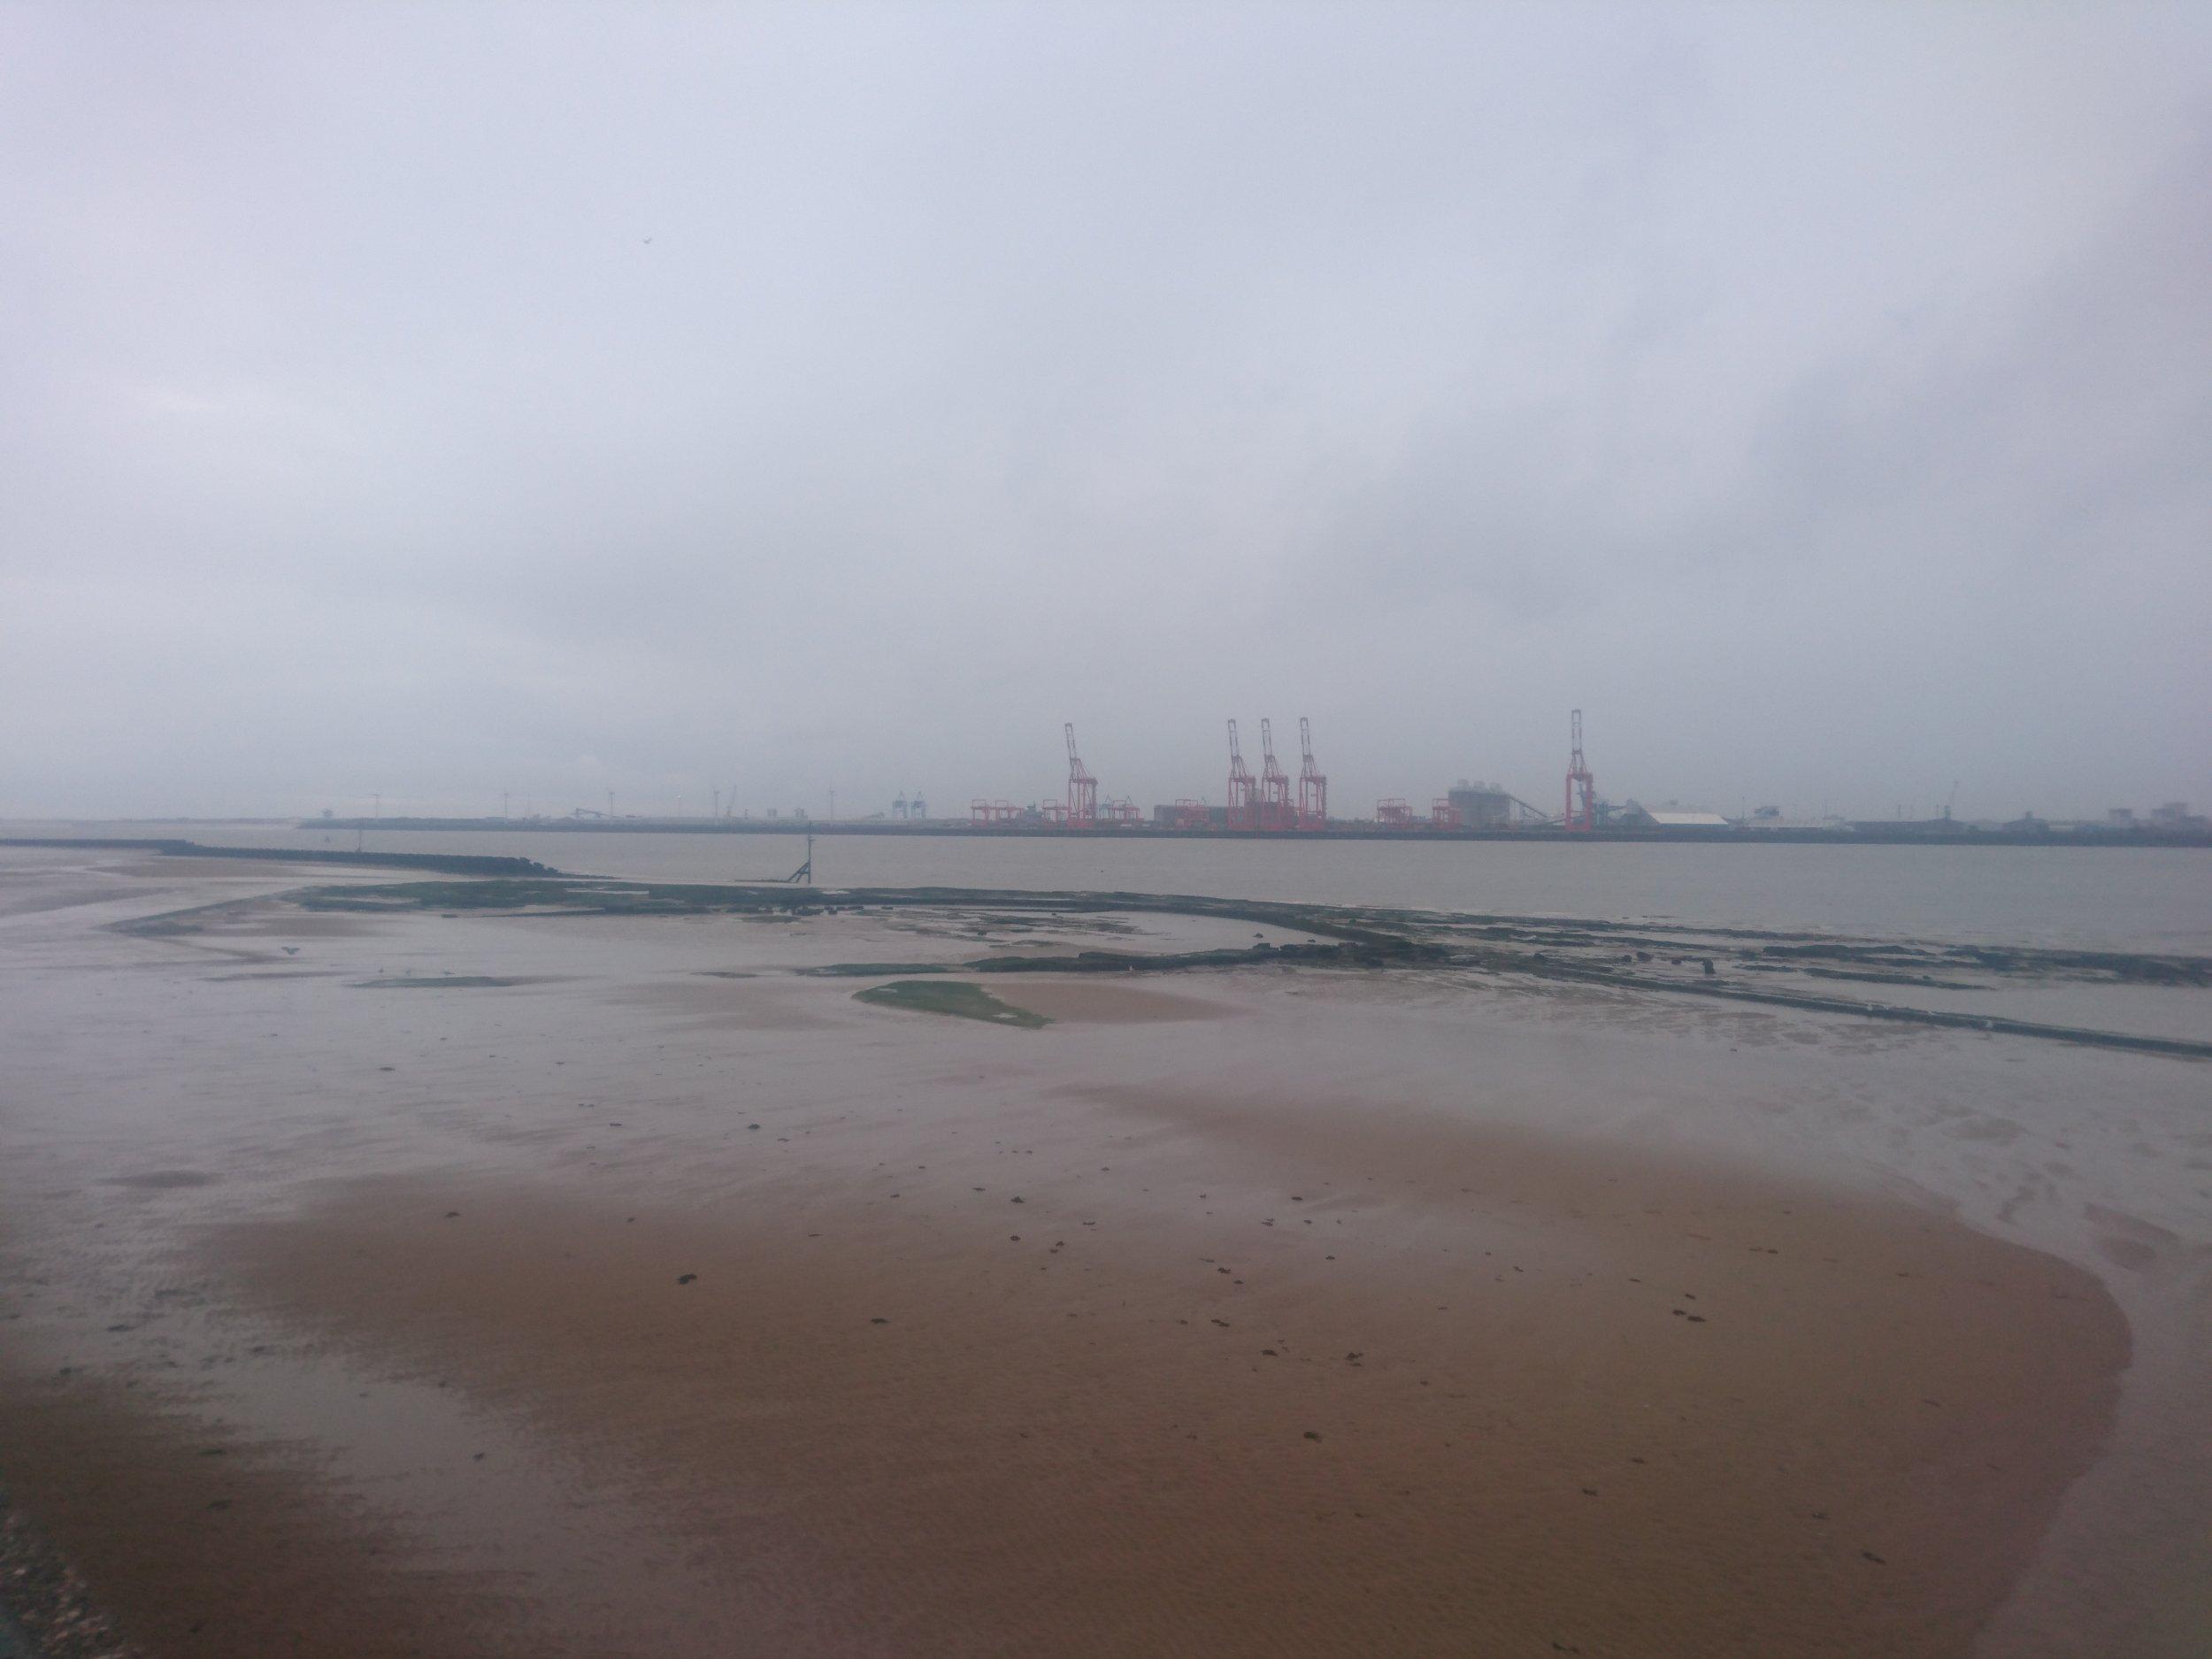 Liverpool Cranes in the Rain